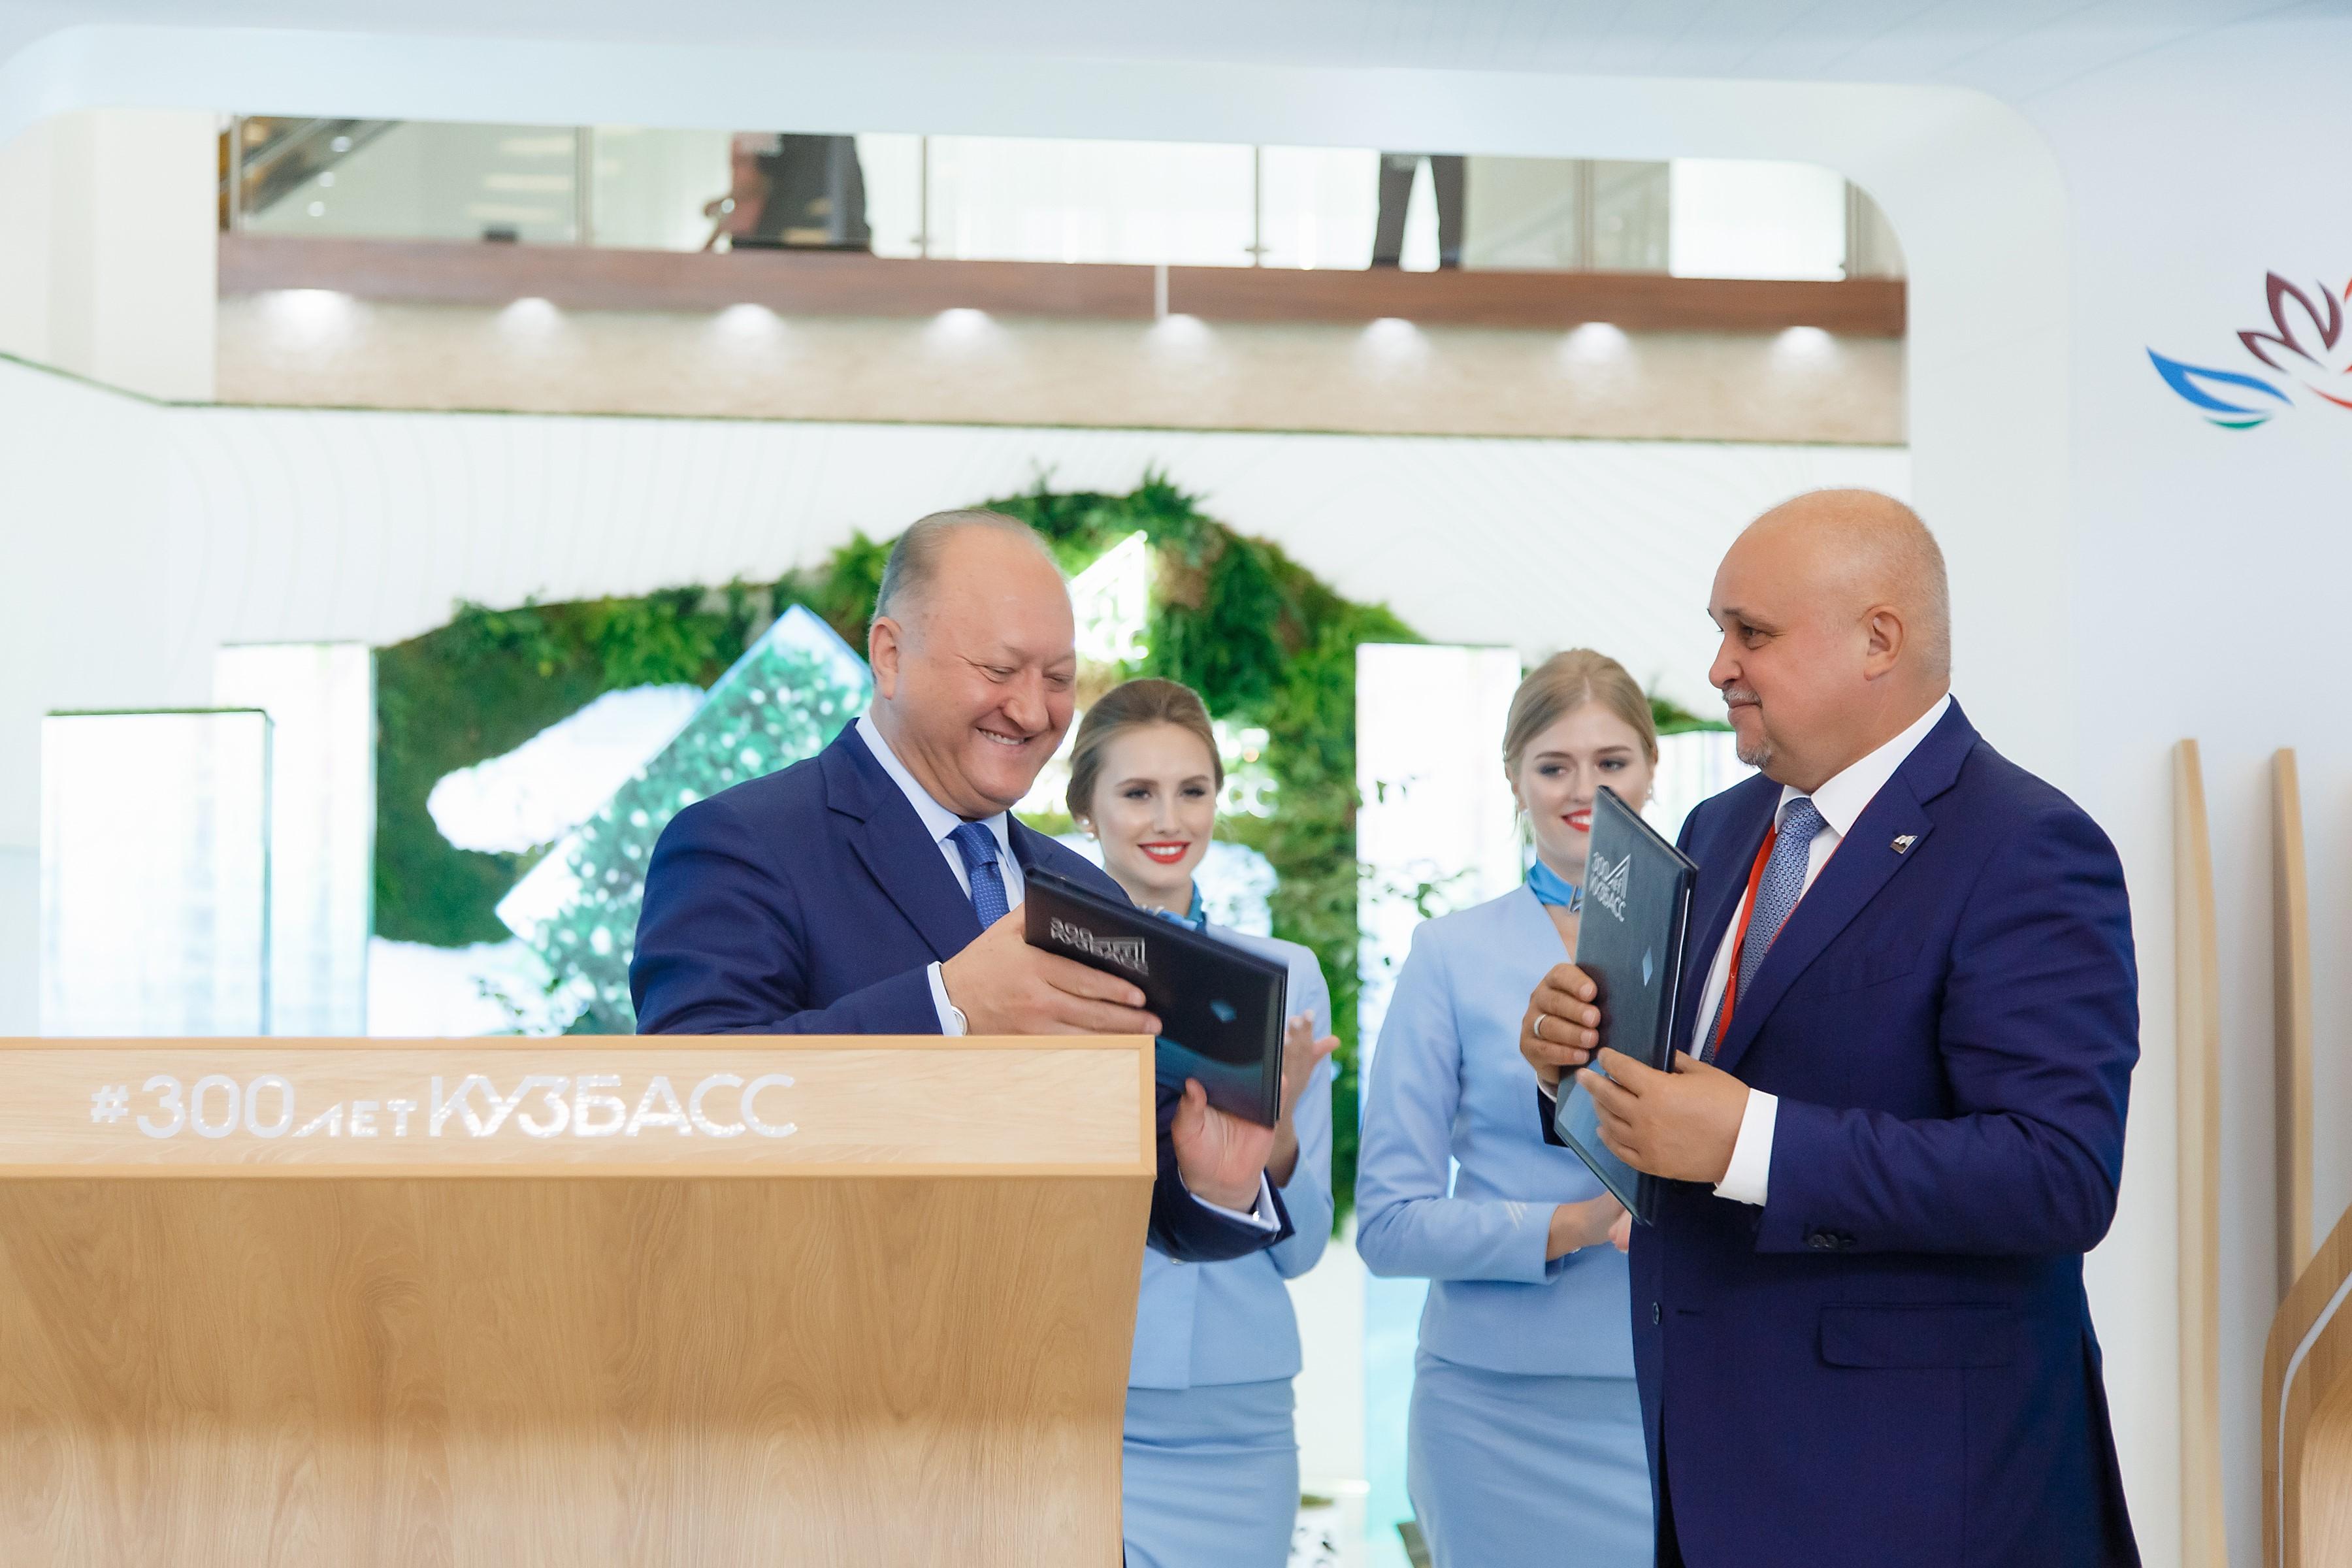 Сергей Цивилев: «Уверен, Камчатский край поможет найти новые решения и возможности для развития Кузбасса»